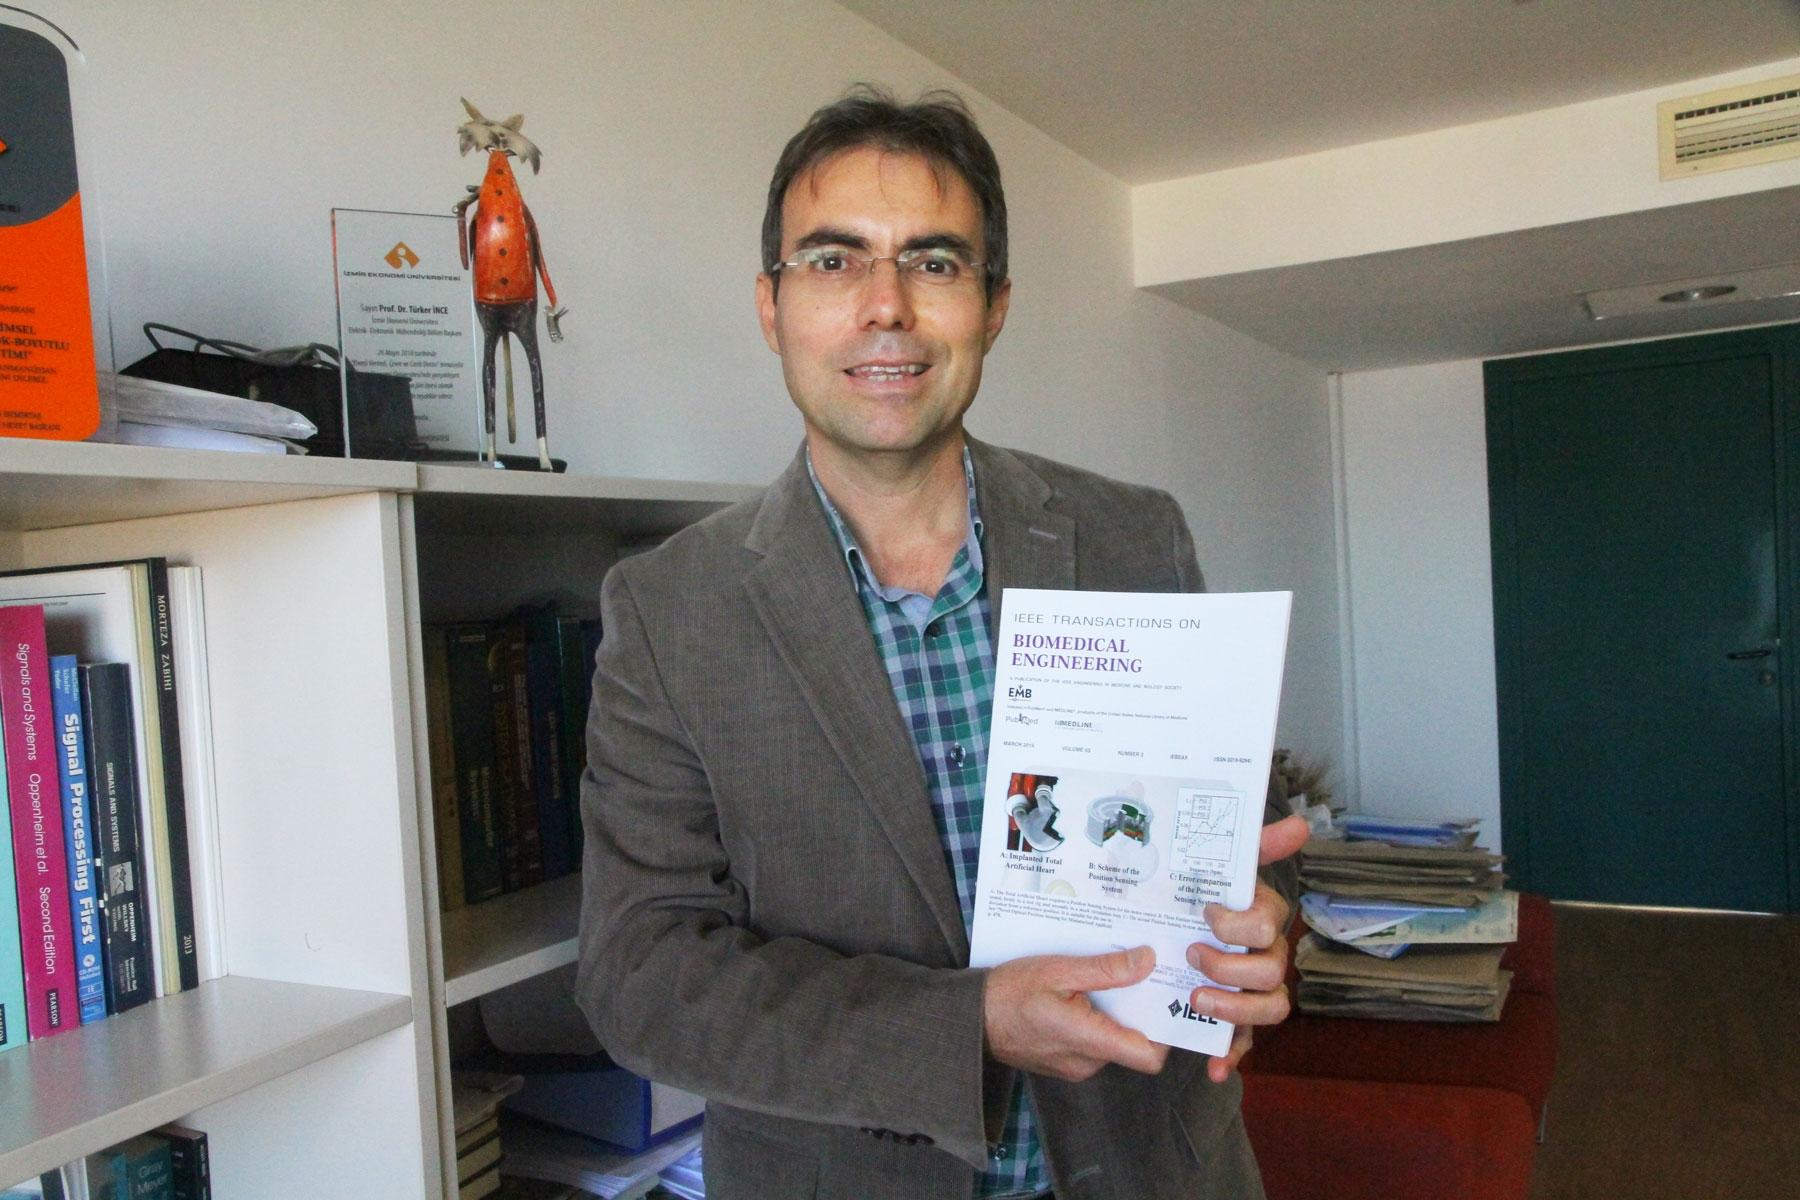 IUE professor receives an international award